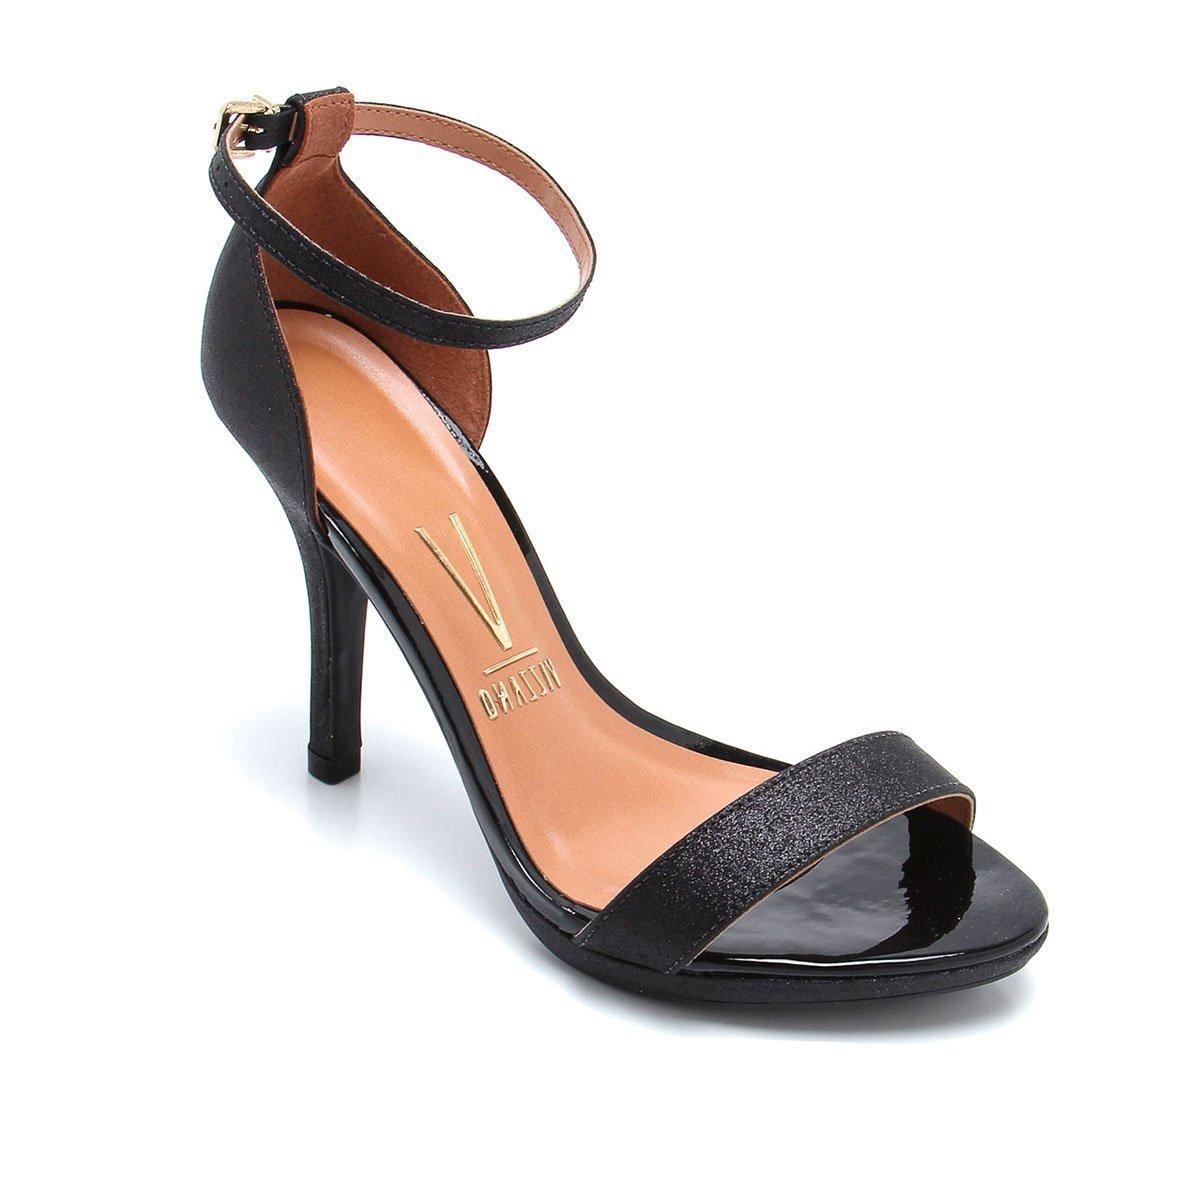 ea89c7a77 sandália vizzano preto glitter salto fino social. Carregando zoom.